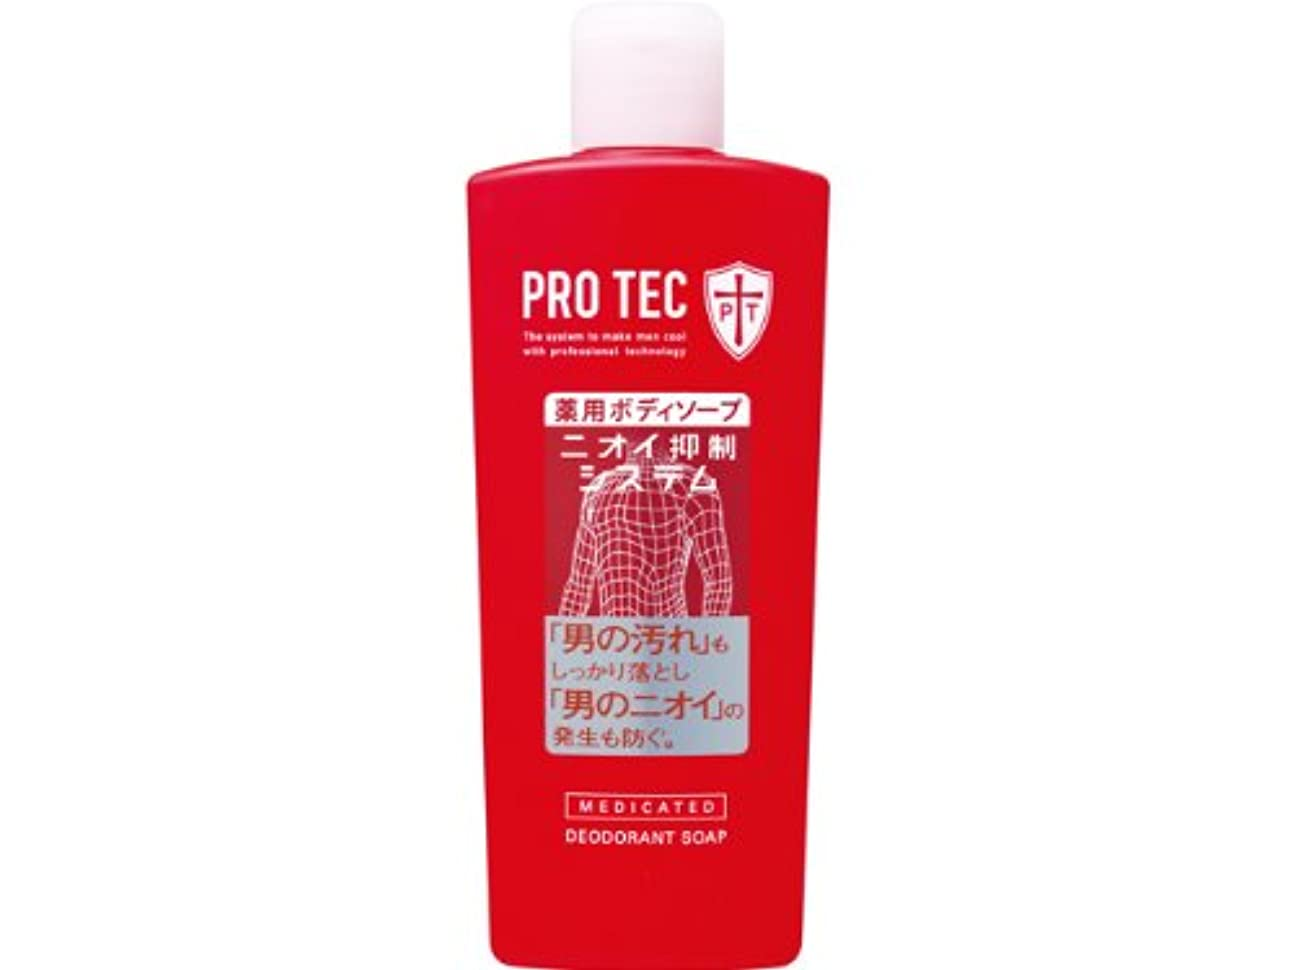 トレード母意見PRO TEC(プロテク) デオドラントソープ 300ml